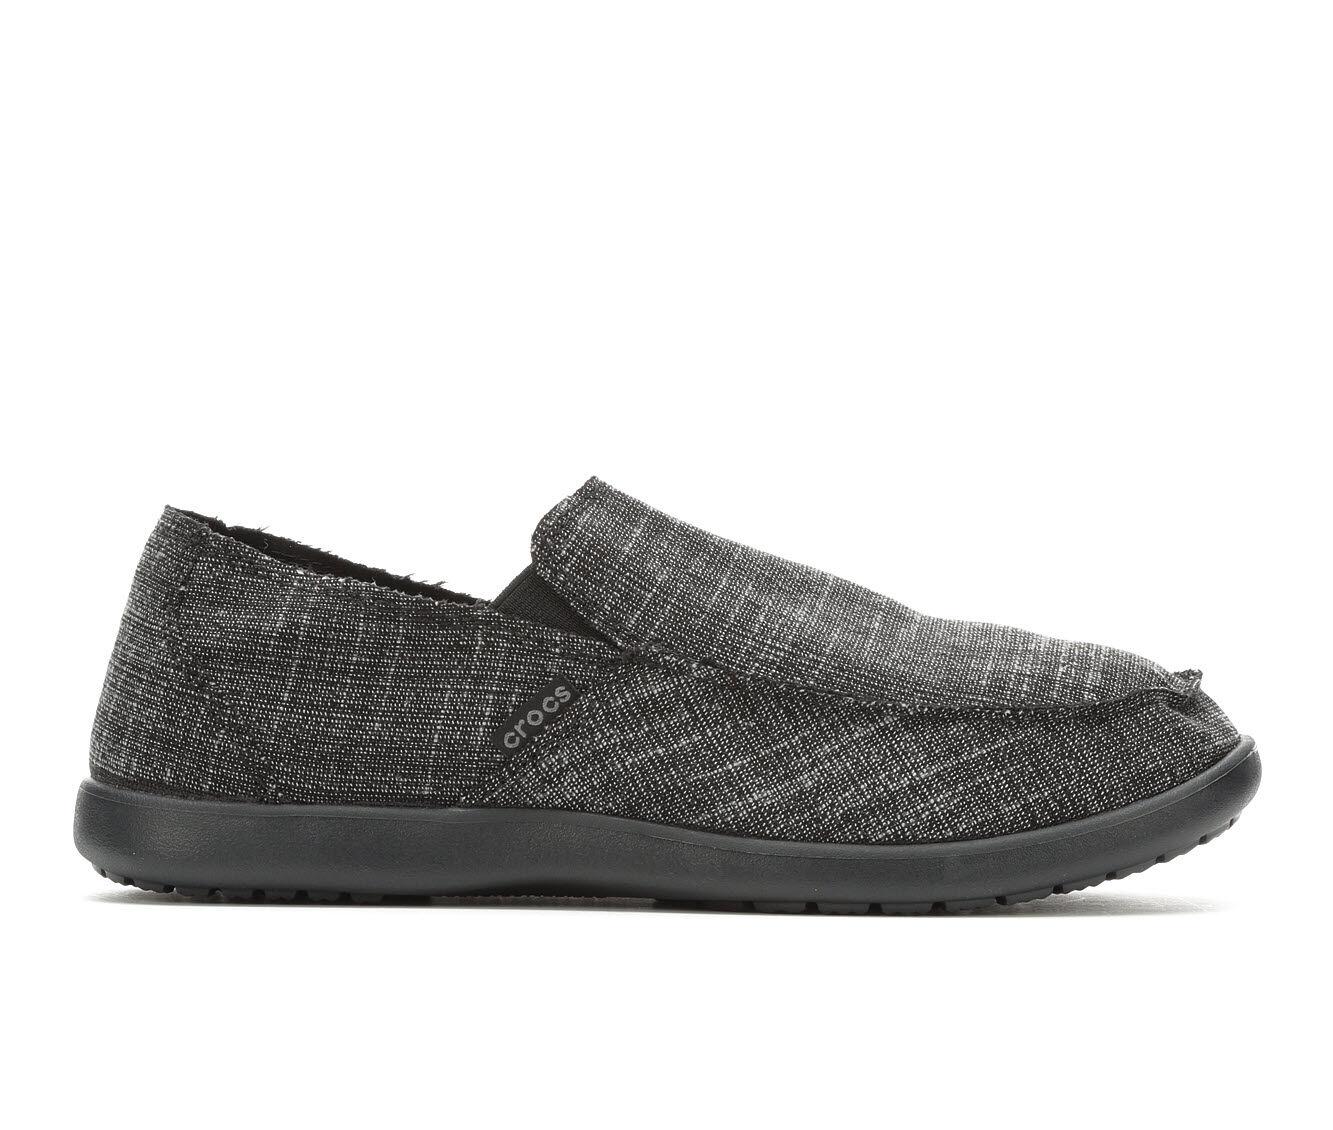 Men's Crocs Santa Cruz Slub Linen Casual Shoes Black/Black